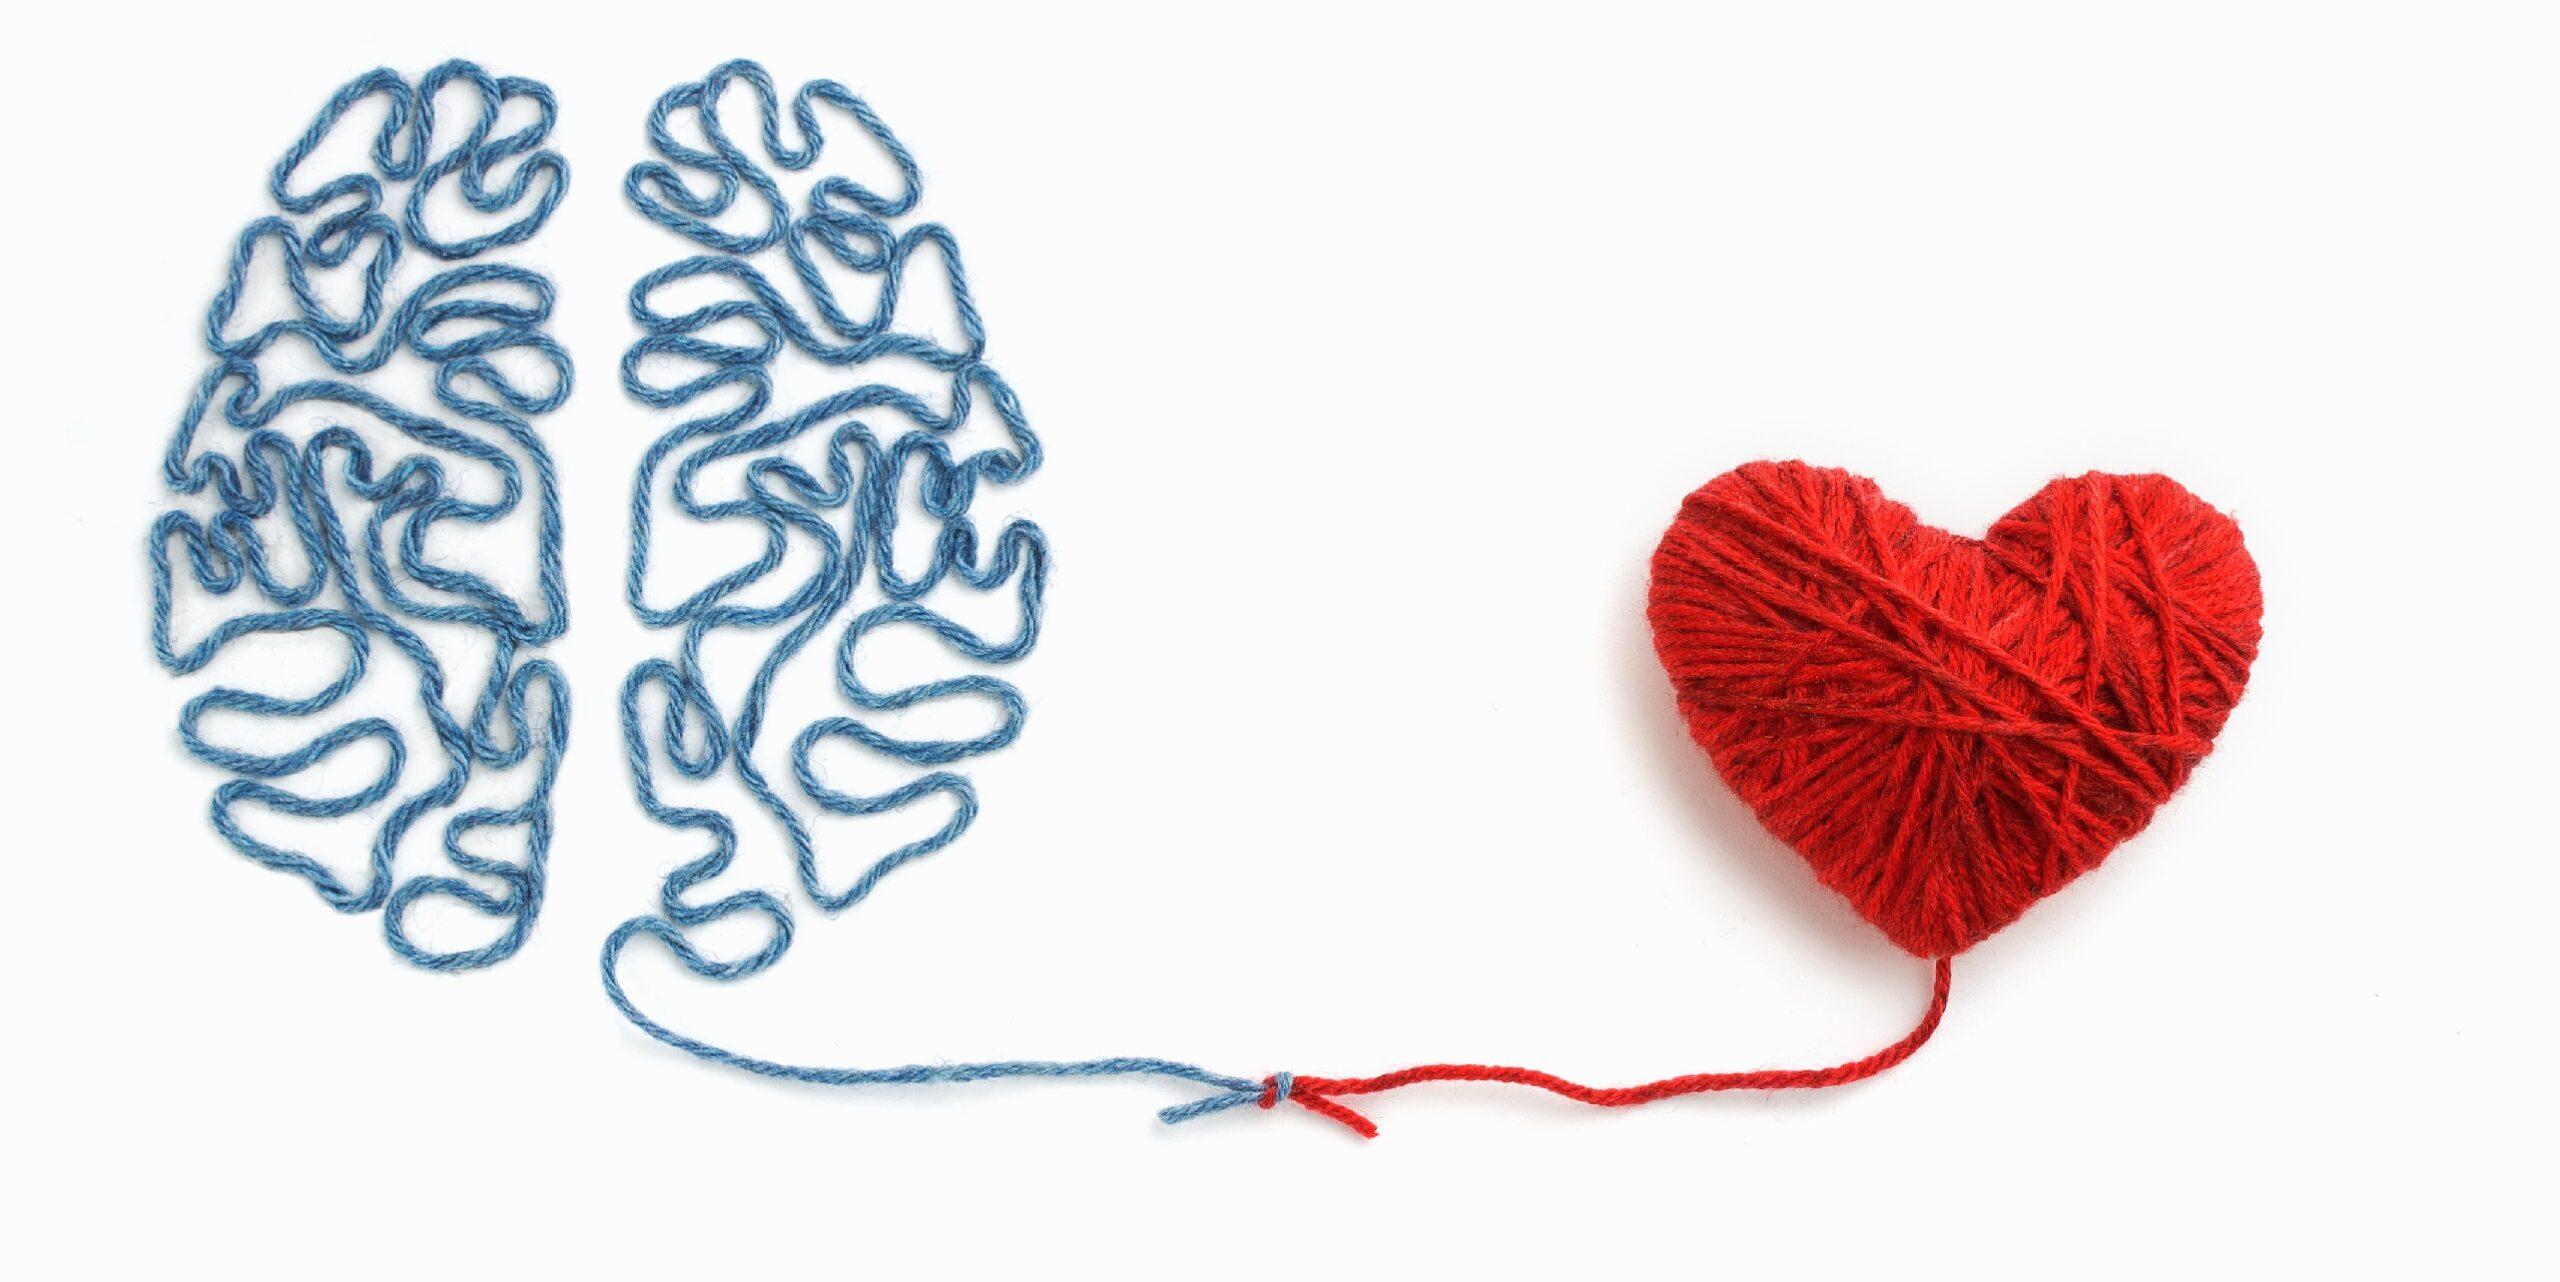 Schwaches Herz schadet dem Gehirn – Mechanismus entschlüsselt - Heilpraxisnet.de